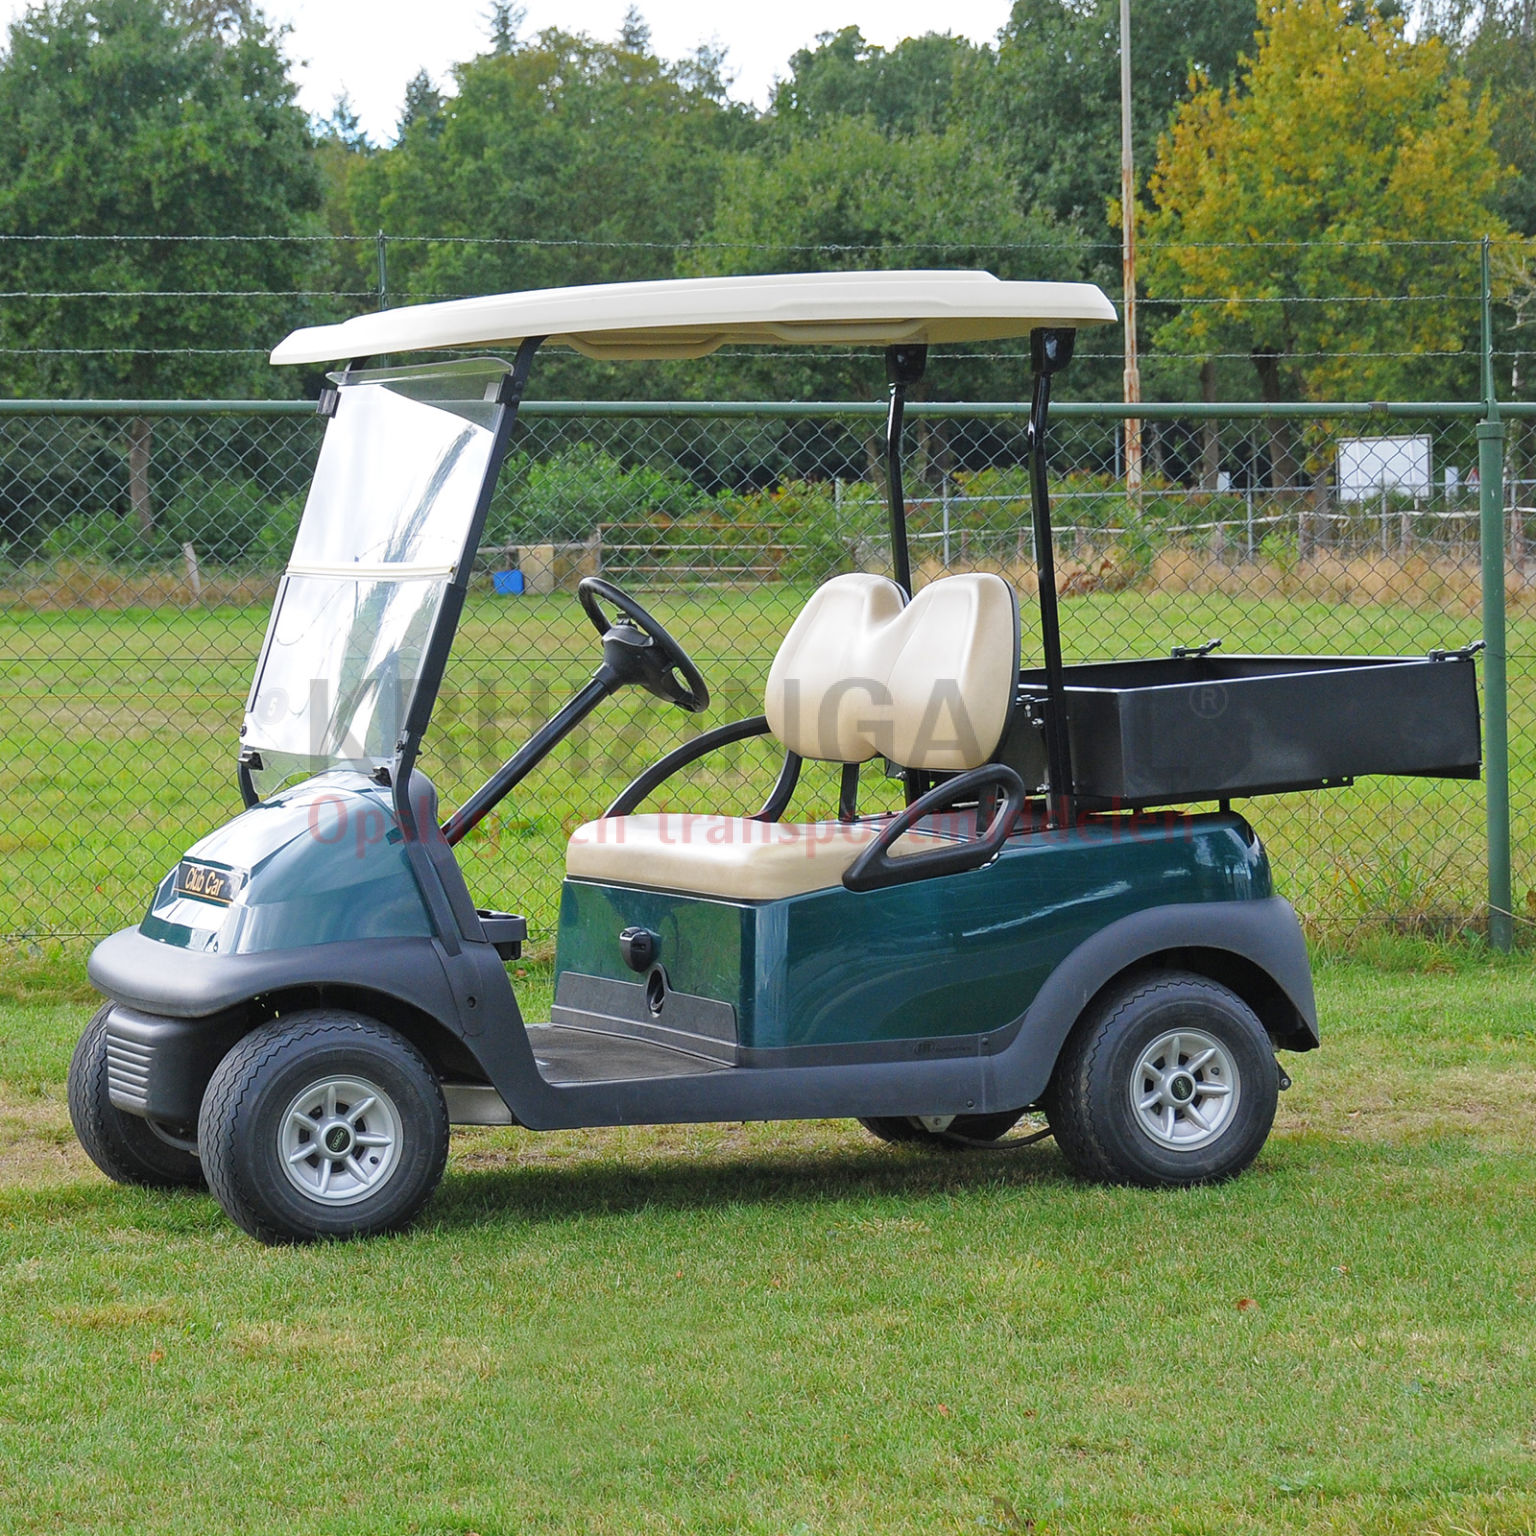 golfwagen club car precedent mit ladefl che elektrisch. Black Bedroom Furniture Sets. Home Design Ideas